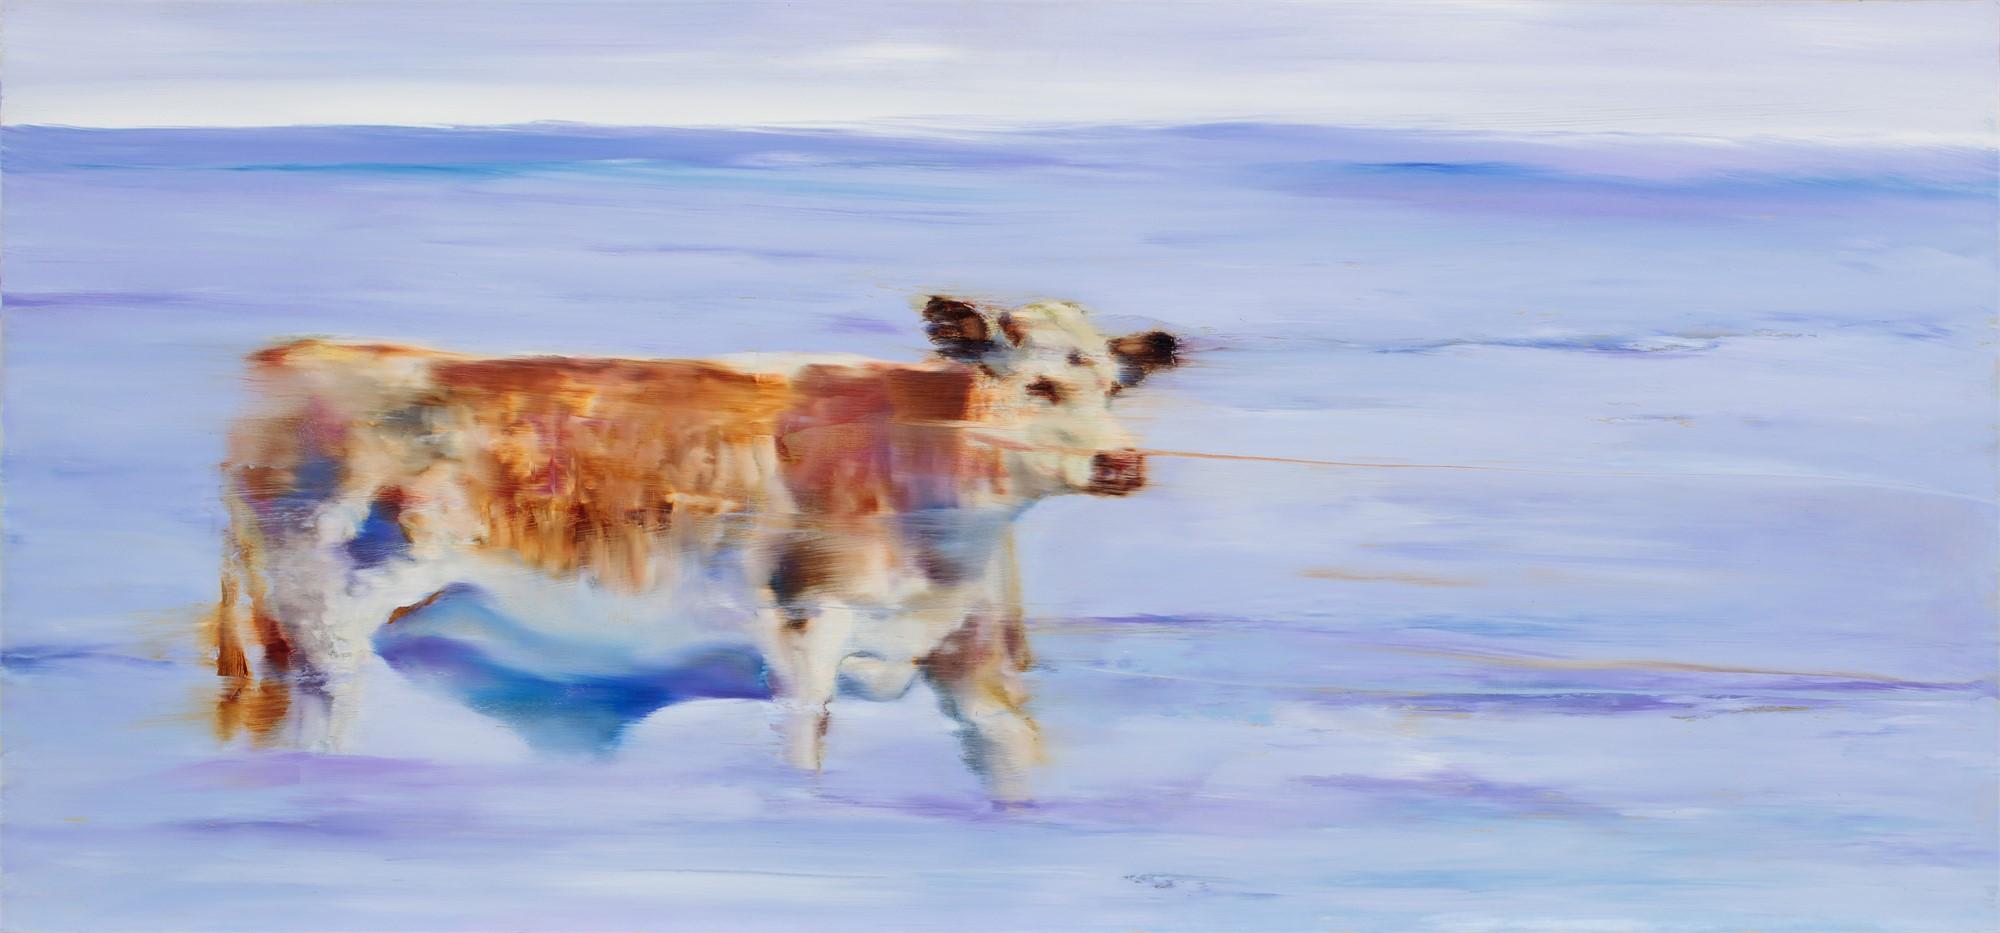 High Tide by Elsa Sroka